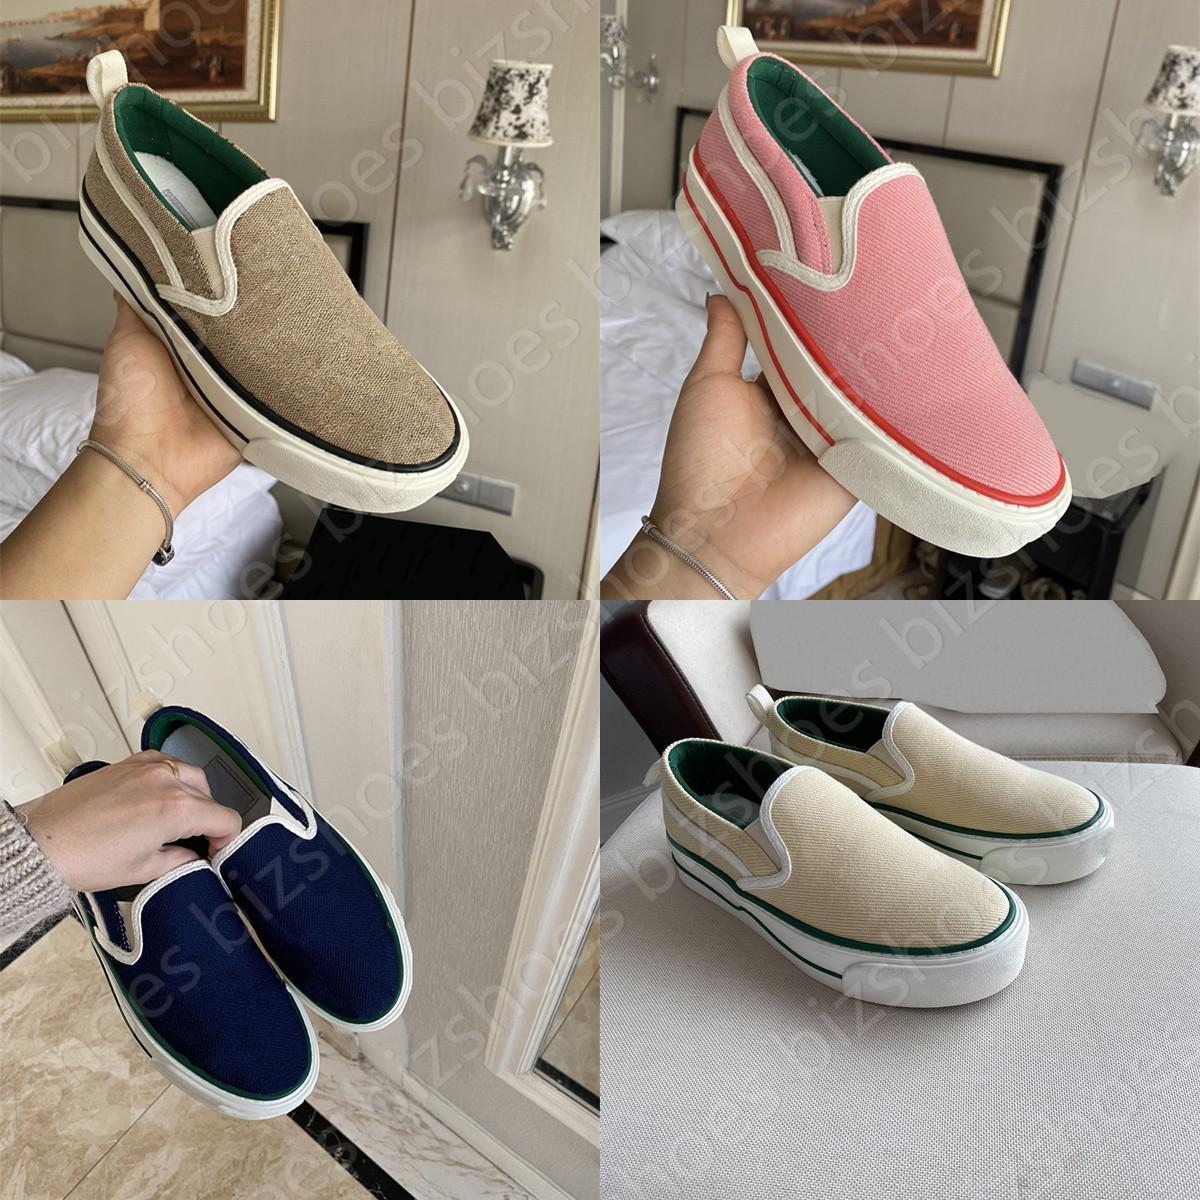 Tenis 1977 Zapatillas de deporte Lujos de Lujos Slip-on Shoe Blanco Pink Apple Classic Vintage Runner Entrenadores Skate Ace Designer Mujeres Casual Zapatos